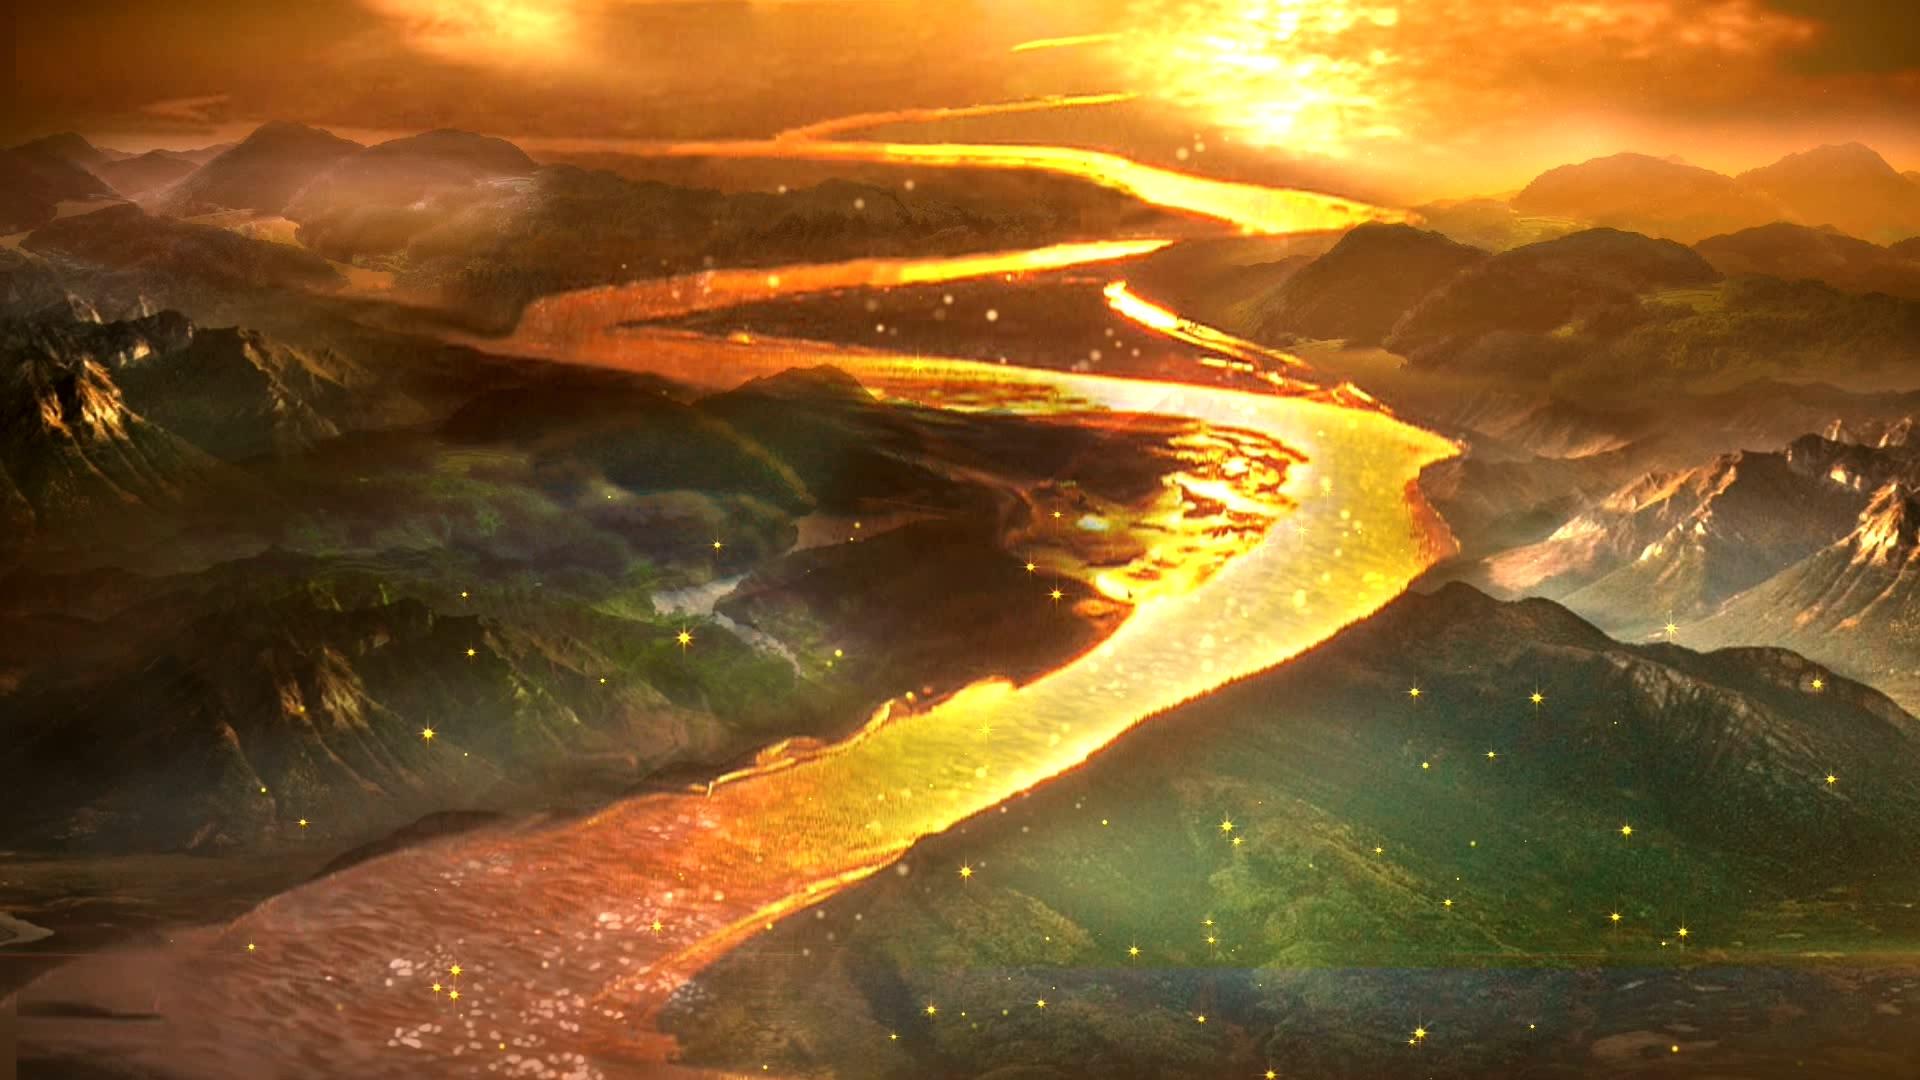 黄河金色河流黄河金色河流山峦江河雾气白云视频素材实拍